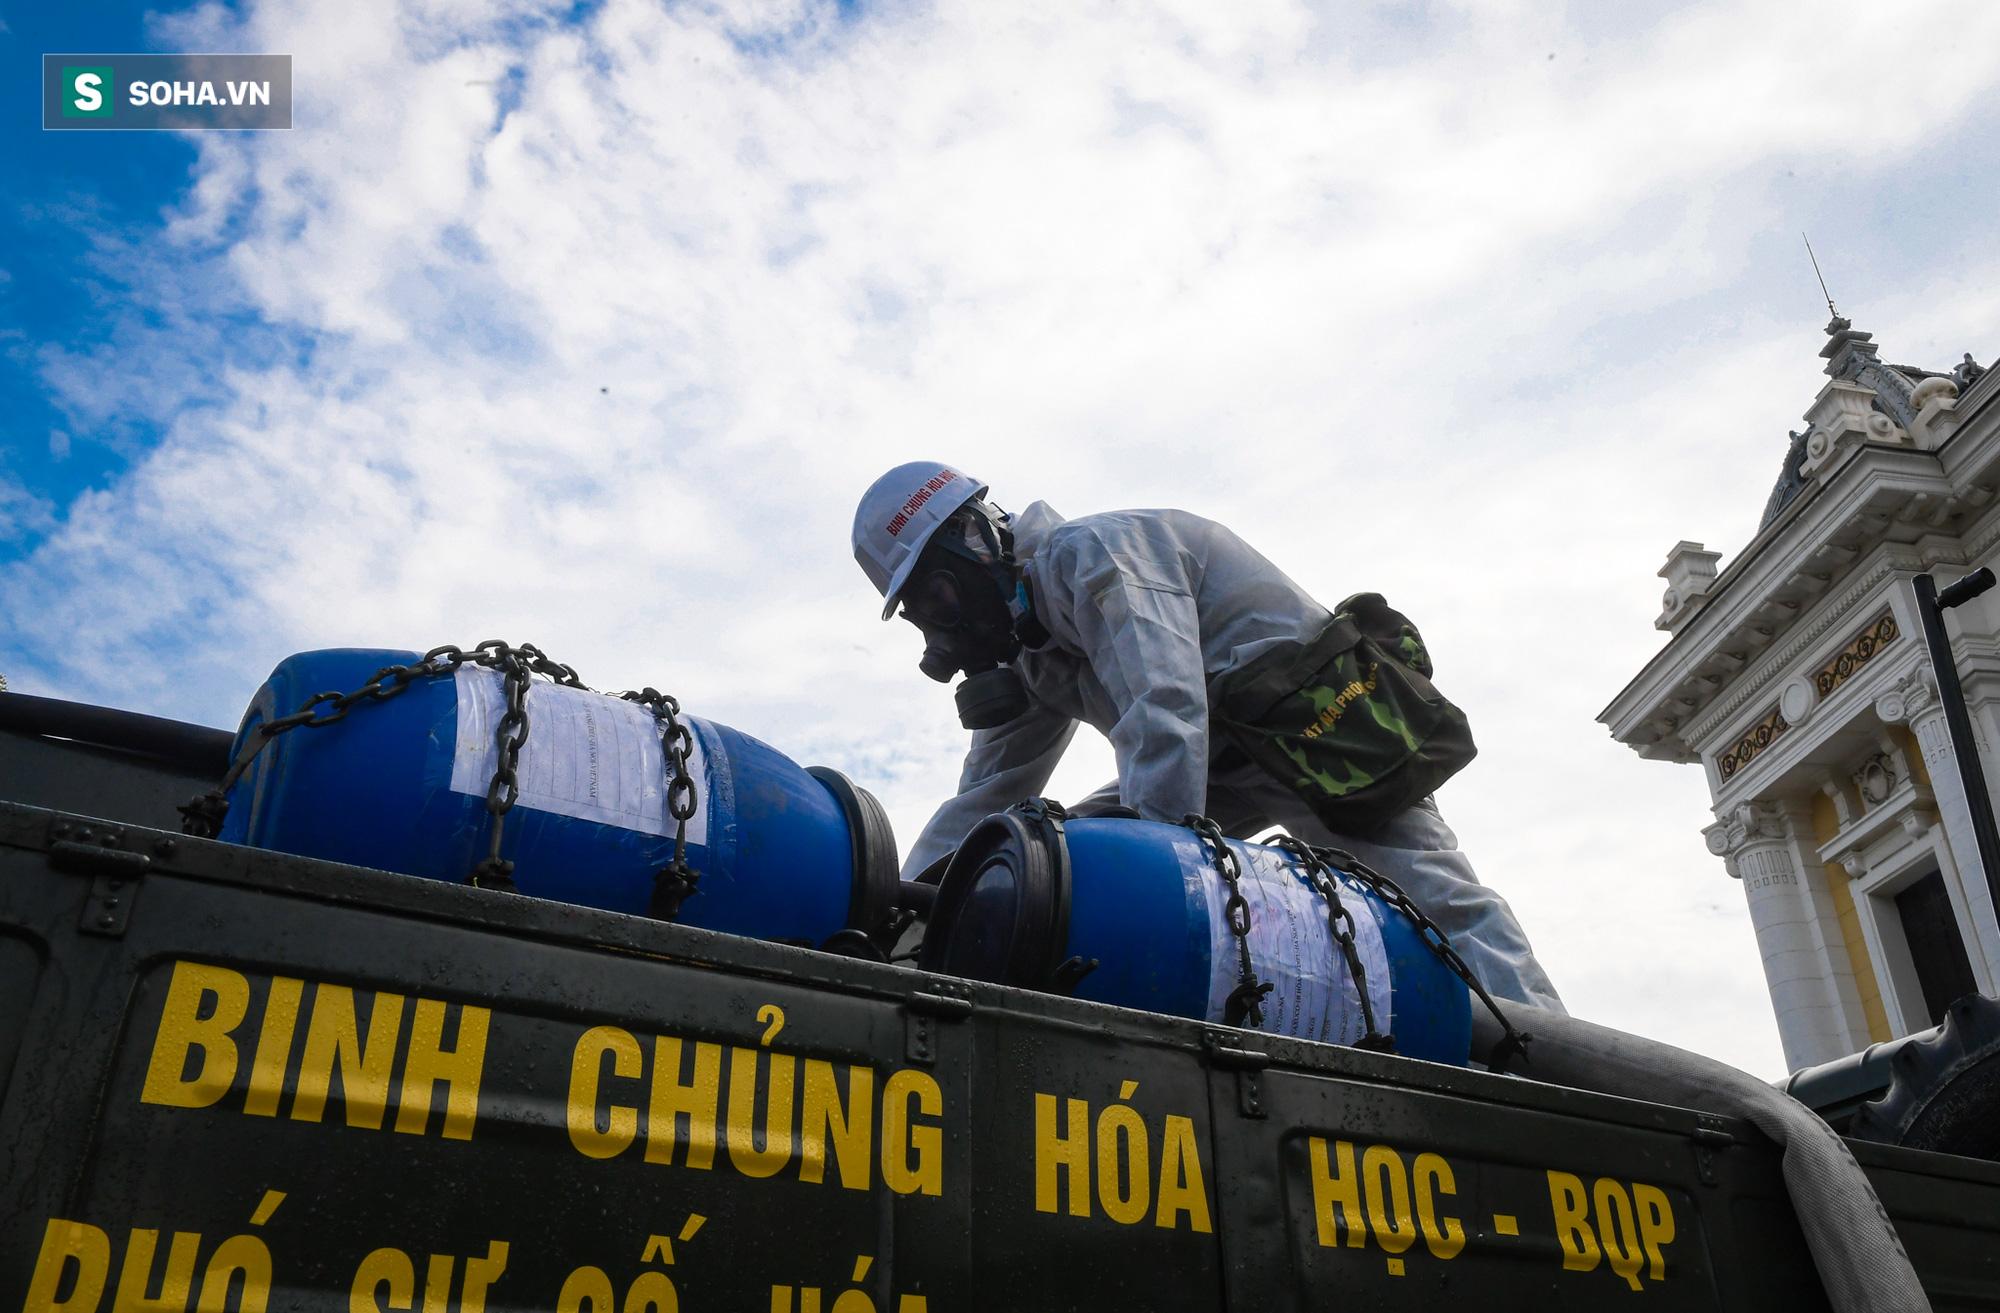 Cận cảnh 15 xe đặc chủng cùng 180 chiến sĩ phun khử khuẩn toàn bộ quận Hoàn Kiếm - Ảnh 11.